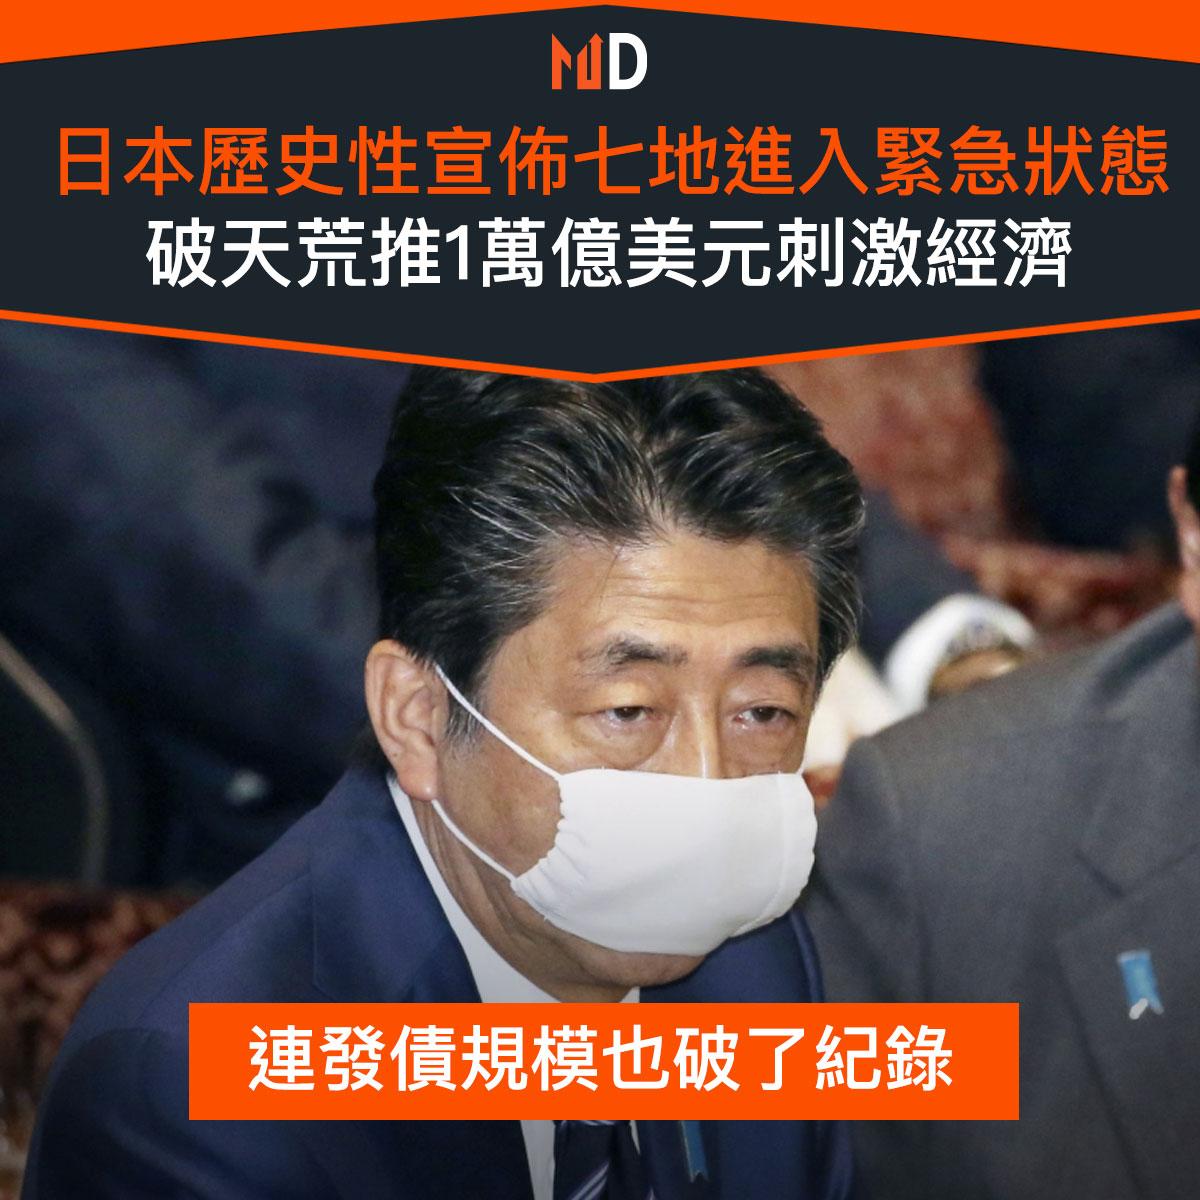 【市場熱話】日本宣佈東京等七地進入緊急狀態,花旗預計第2季GDP或下跌20%